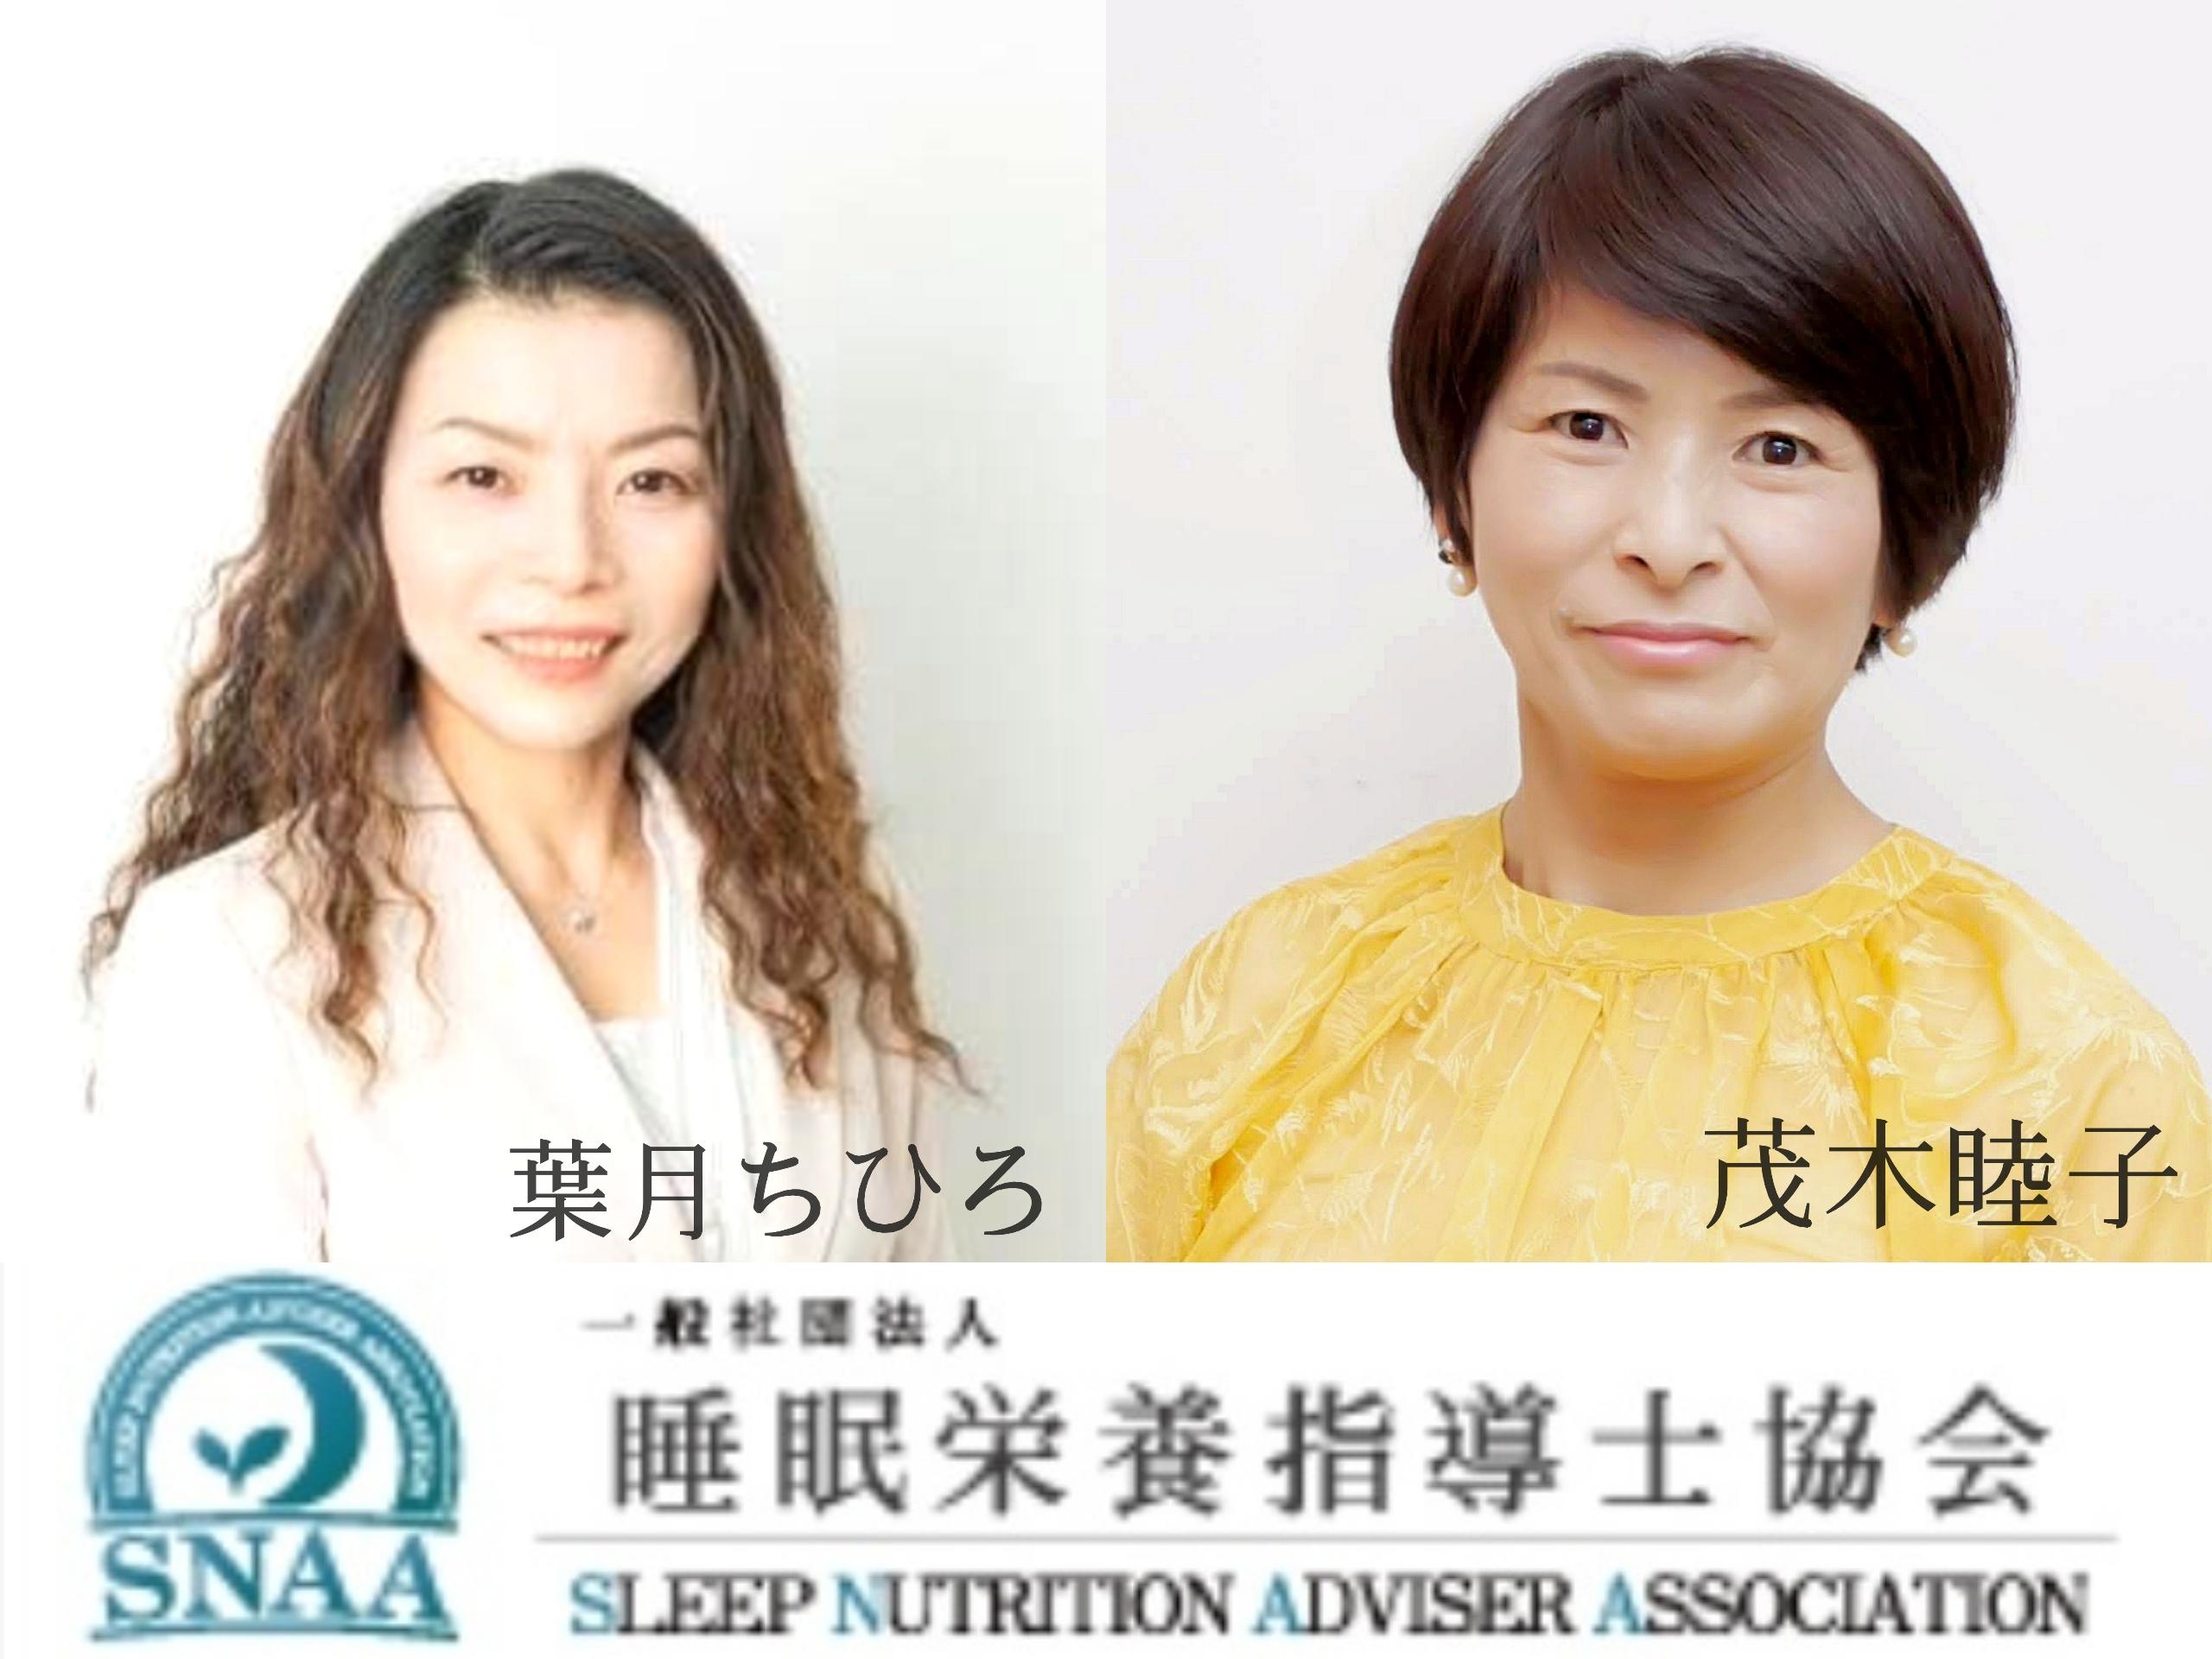 血管年齢測定&睡眠相談